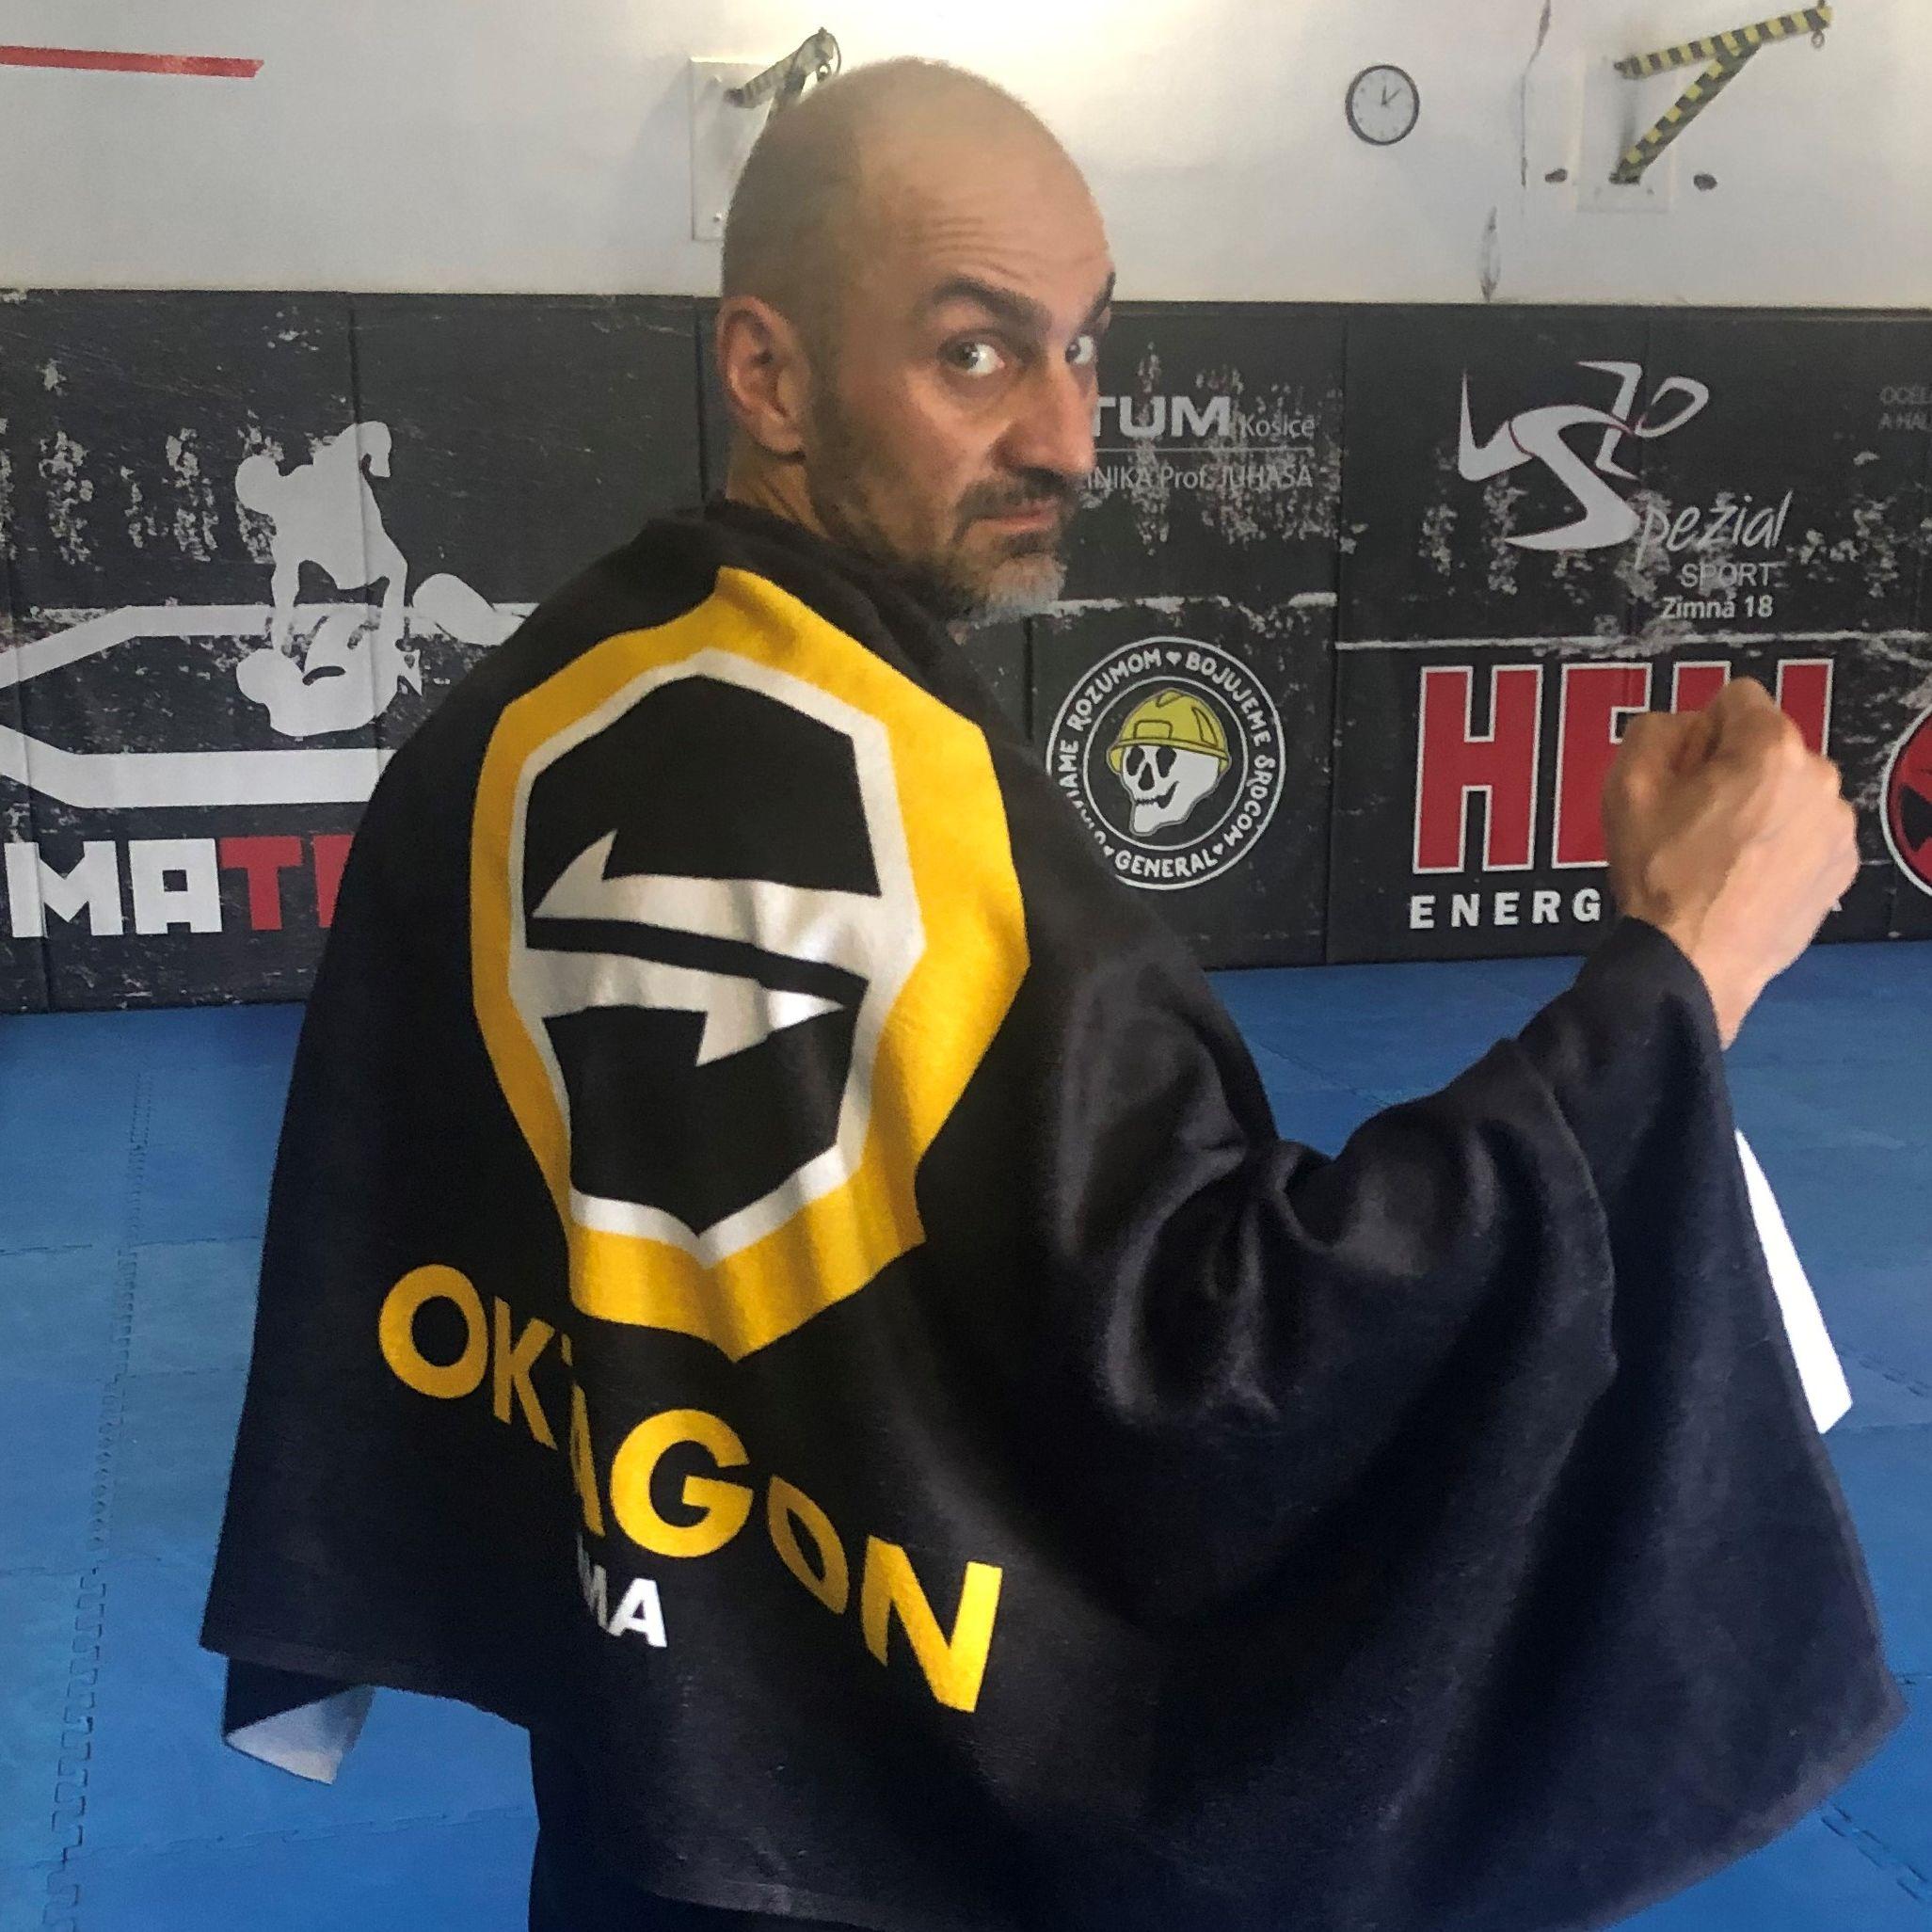 107. Podcast Mužom.sk: #20 Juraj Winkelmes - promotér, tréner, spoluzakladateľ MMA Top Team Košice